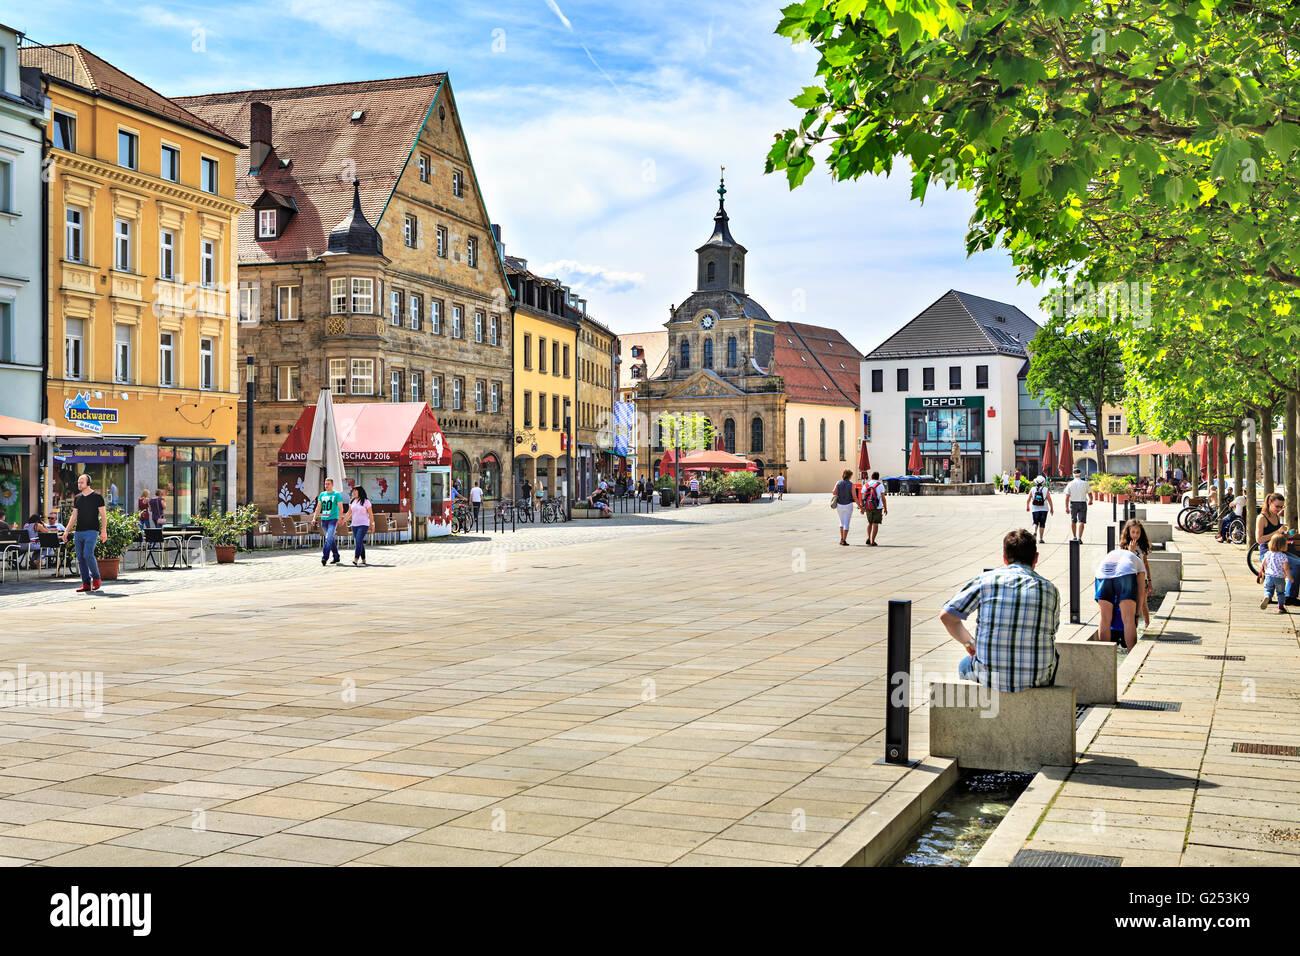 BAYREUTH, GERMANY - CIRCA MAI, 2016: Bavarian Town Bayreuth at Summertime. Bayreuth, Germany - Stock Image